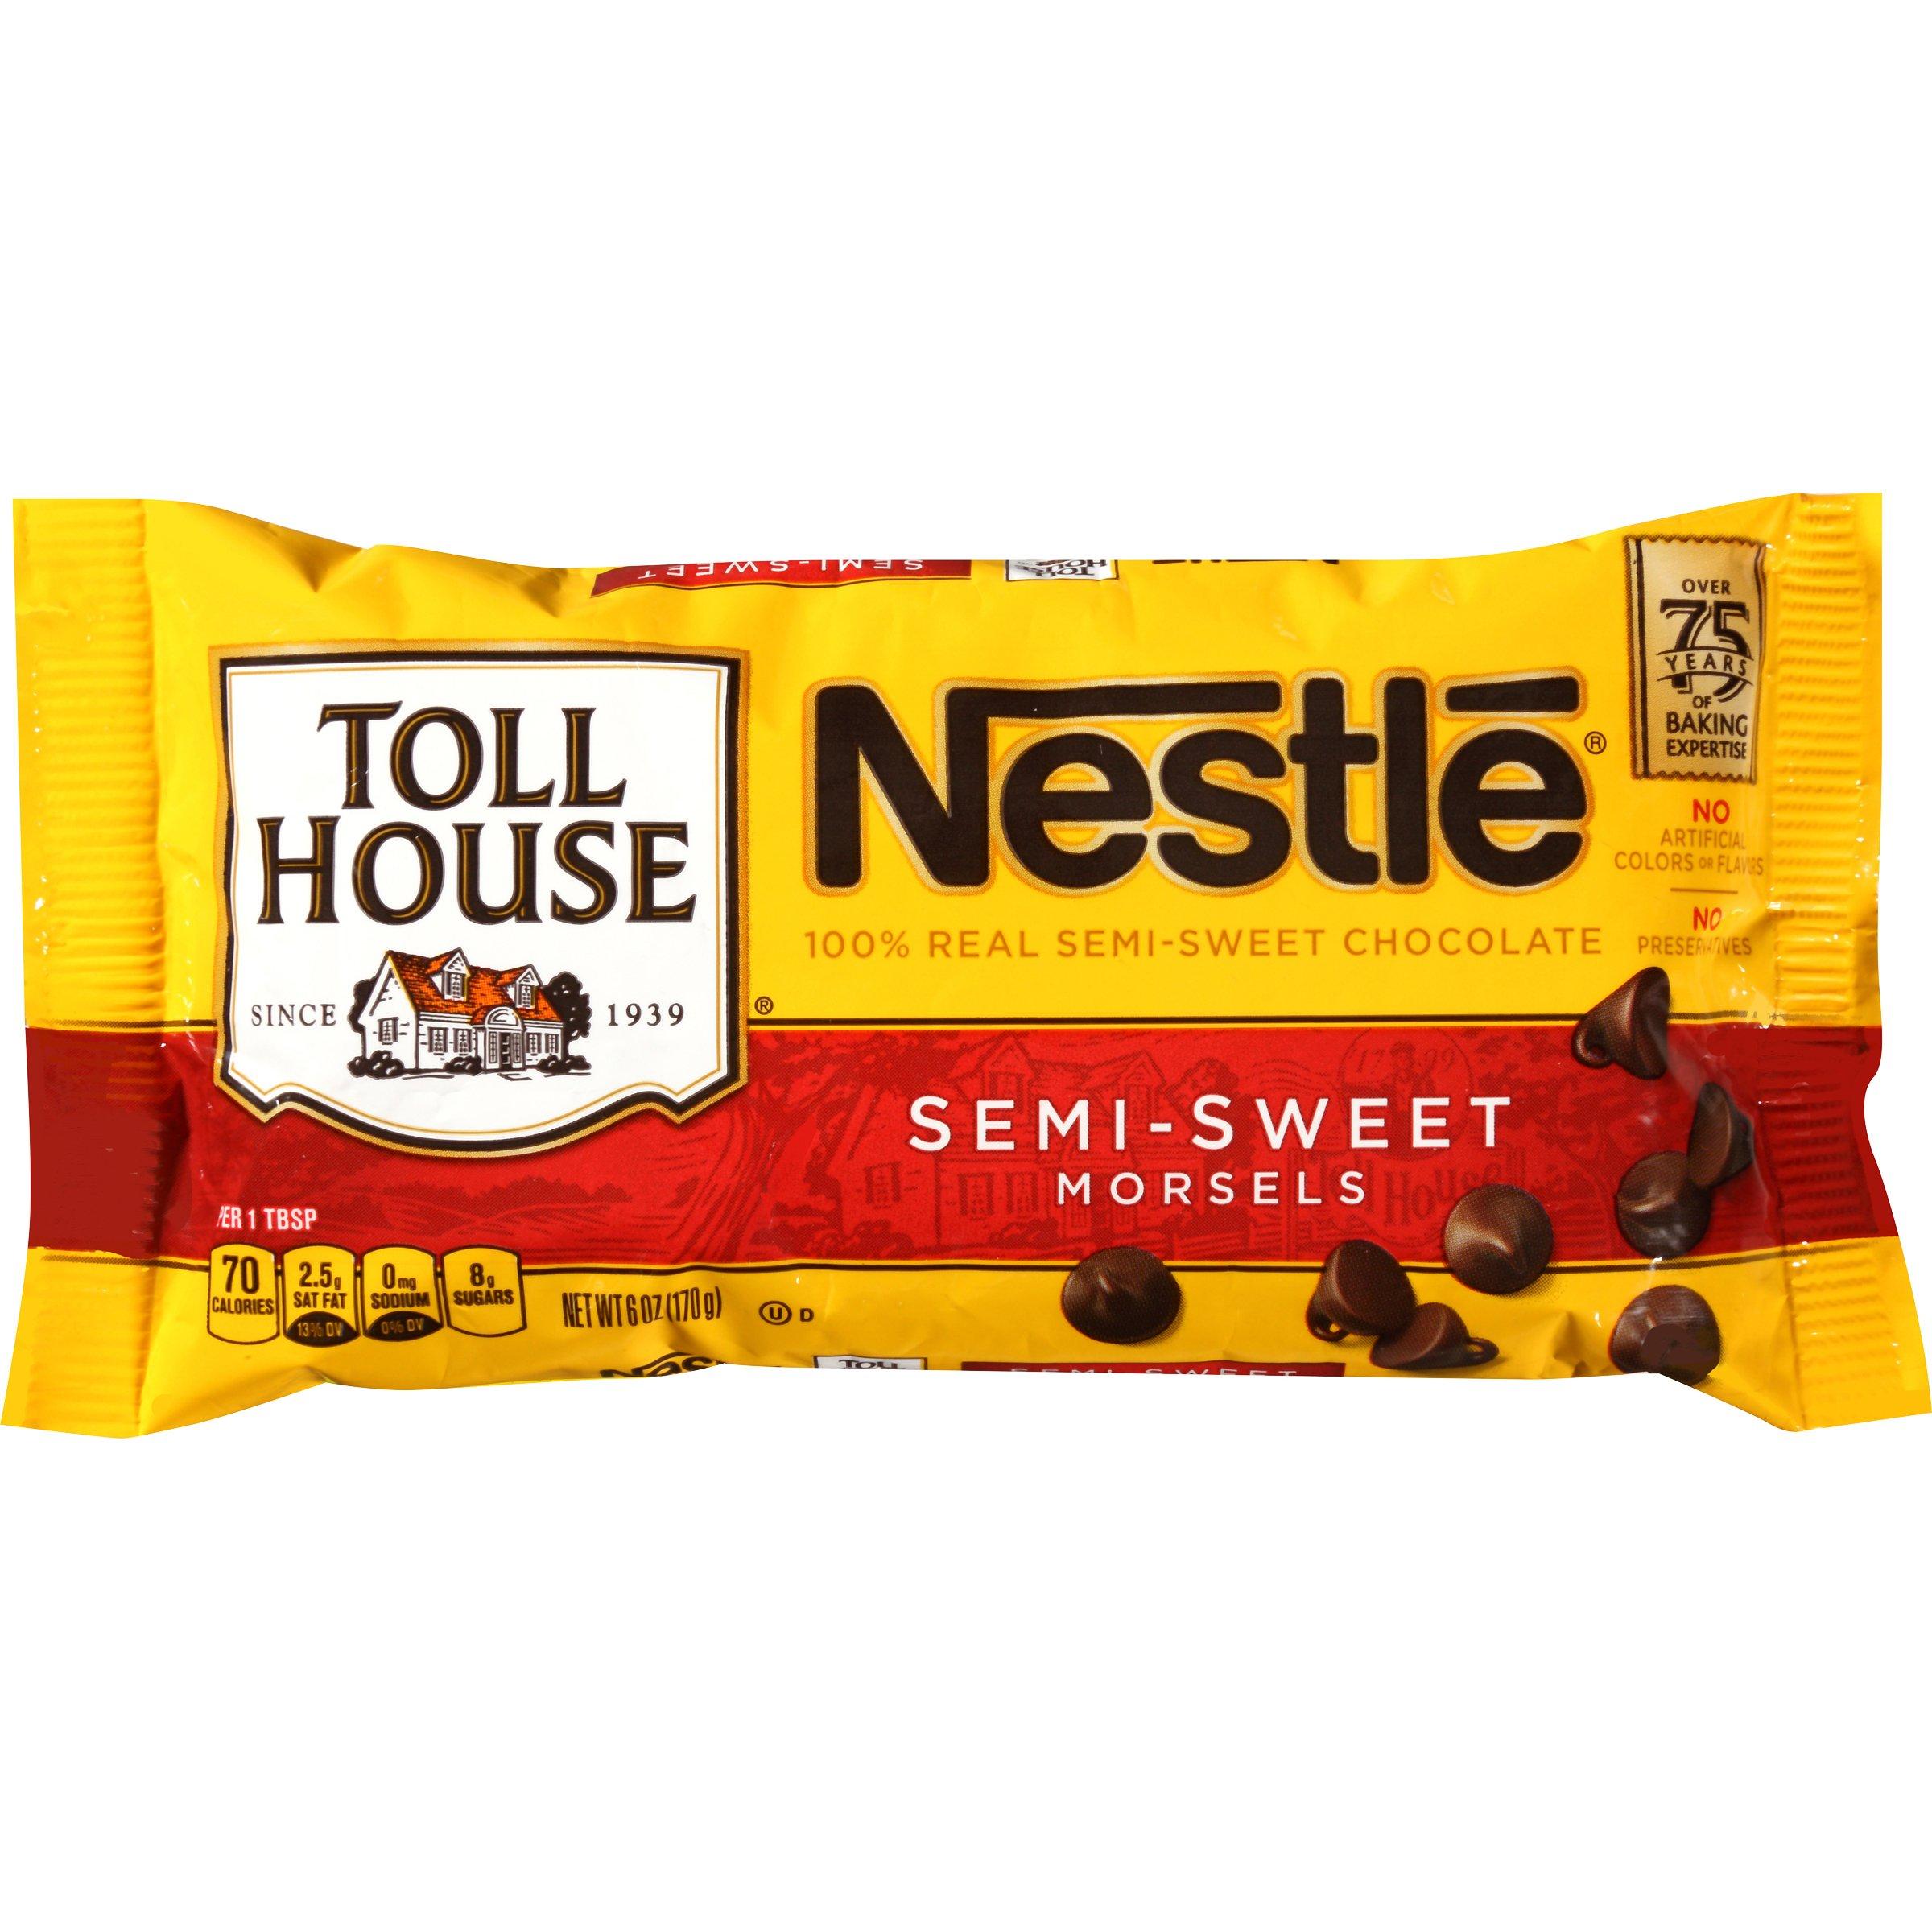 ネスレ トールハウス セミスウィート モーセル 170g 賞味期限 2018-9 Nestle Toll House Semi-Sweet Morsels 6oz Better by Sep. 2018